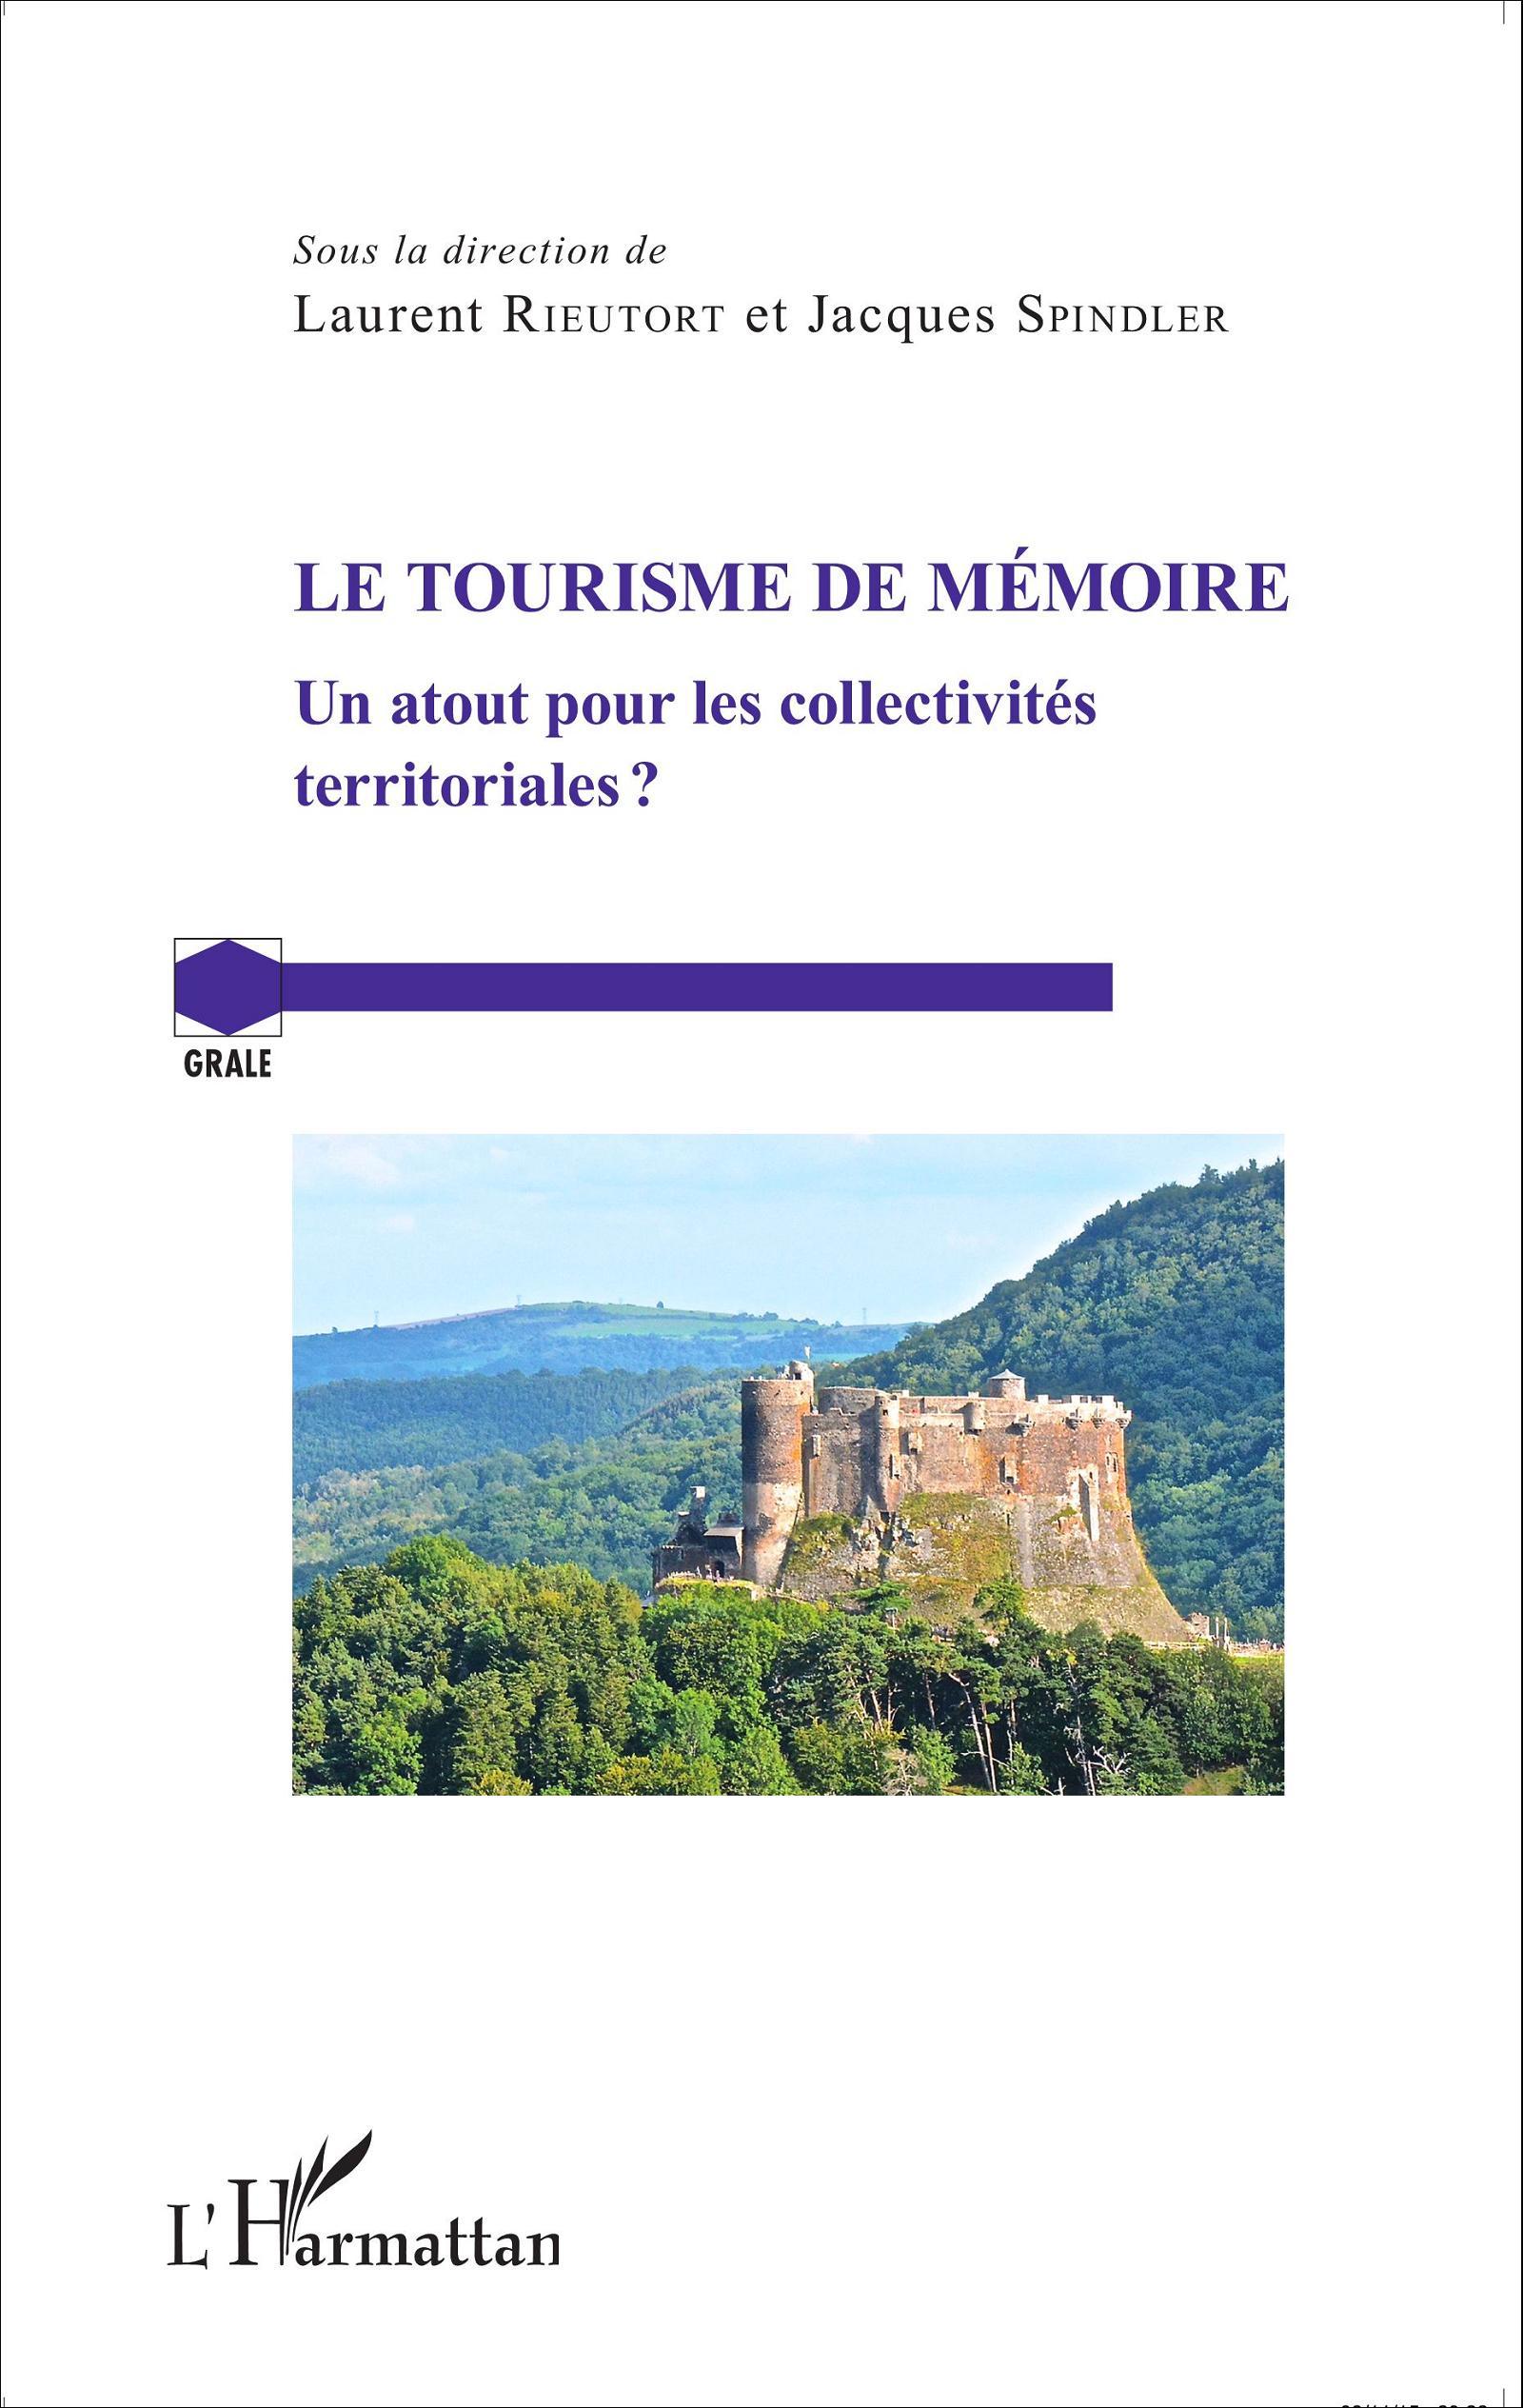 Tourisme de mémoire